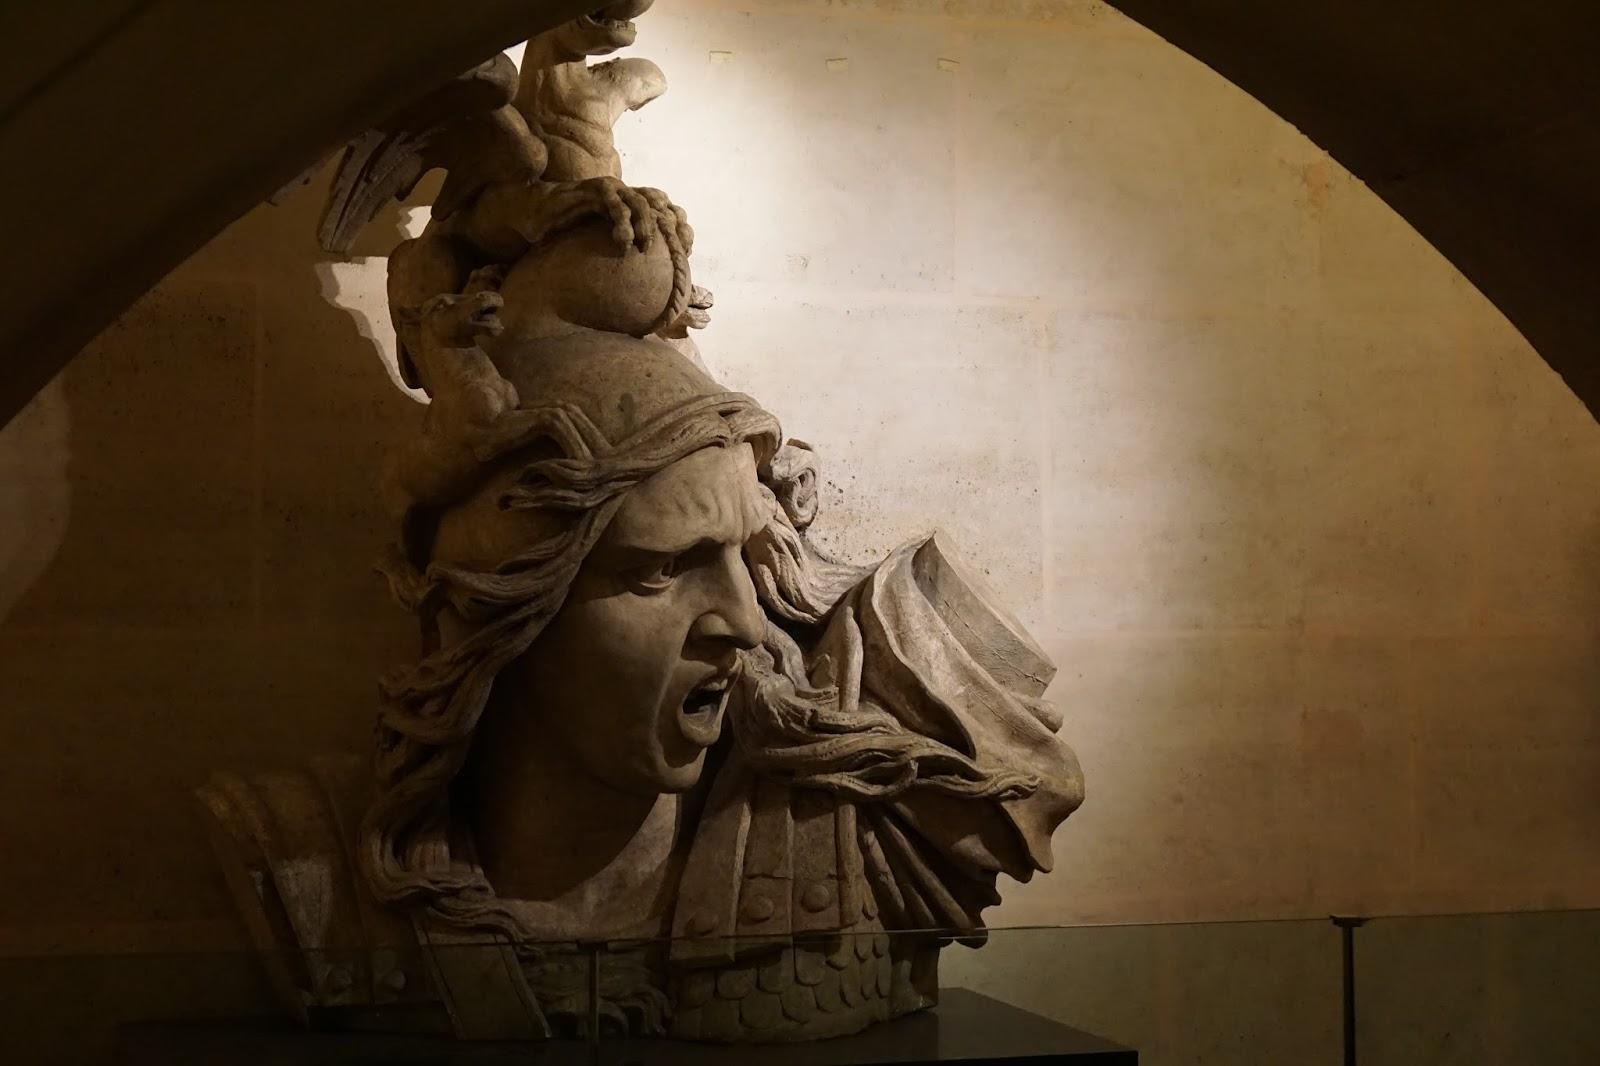 エトワールの凱旋門(Arc de triomphe de l'Étoile) 勝利の女神ニケのレプリカ